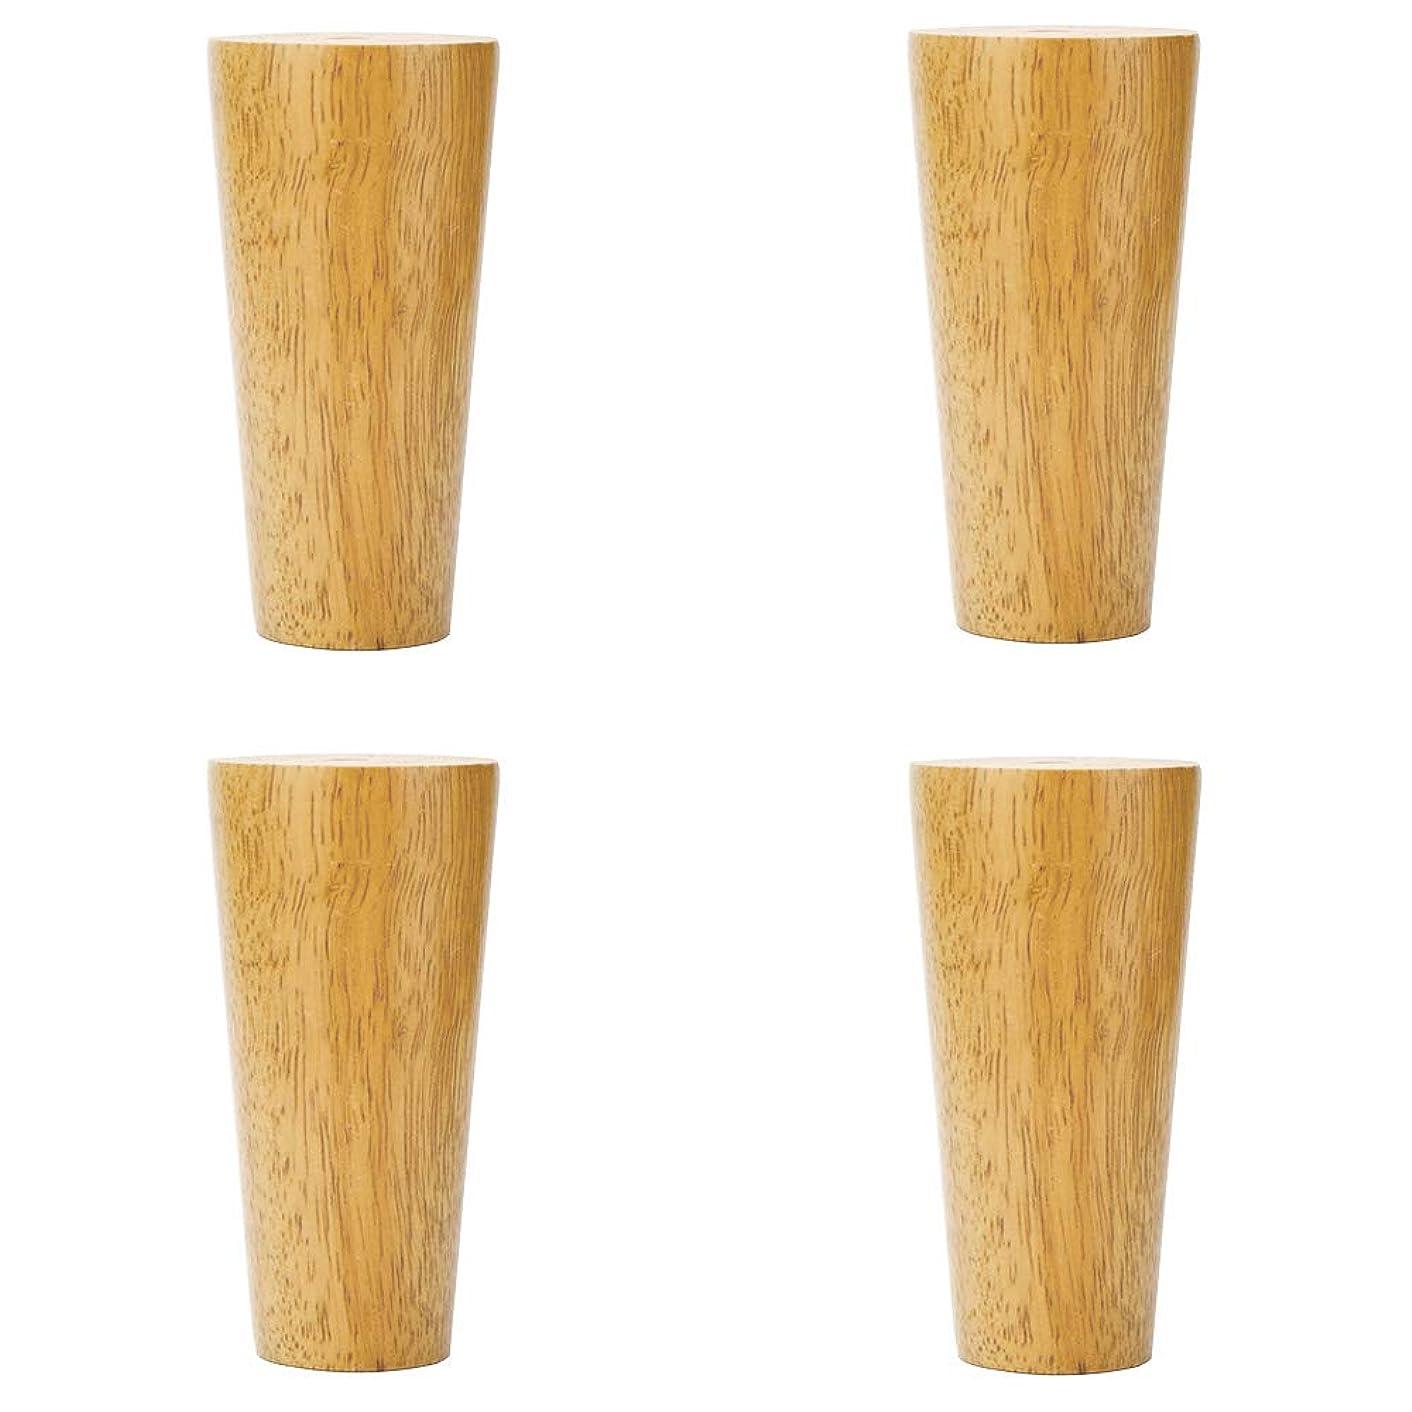 ミュウミュウ渦農業の頑丈なソファ家具の足、手磨き、自然な風合い、ステンレス鋼の留め具、ゴム製木材の支持足(4)